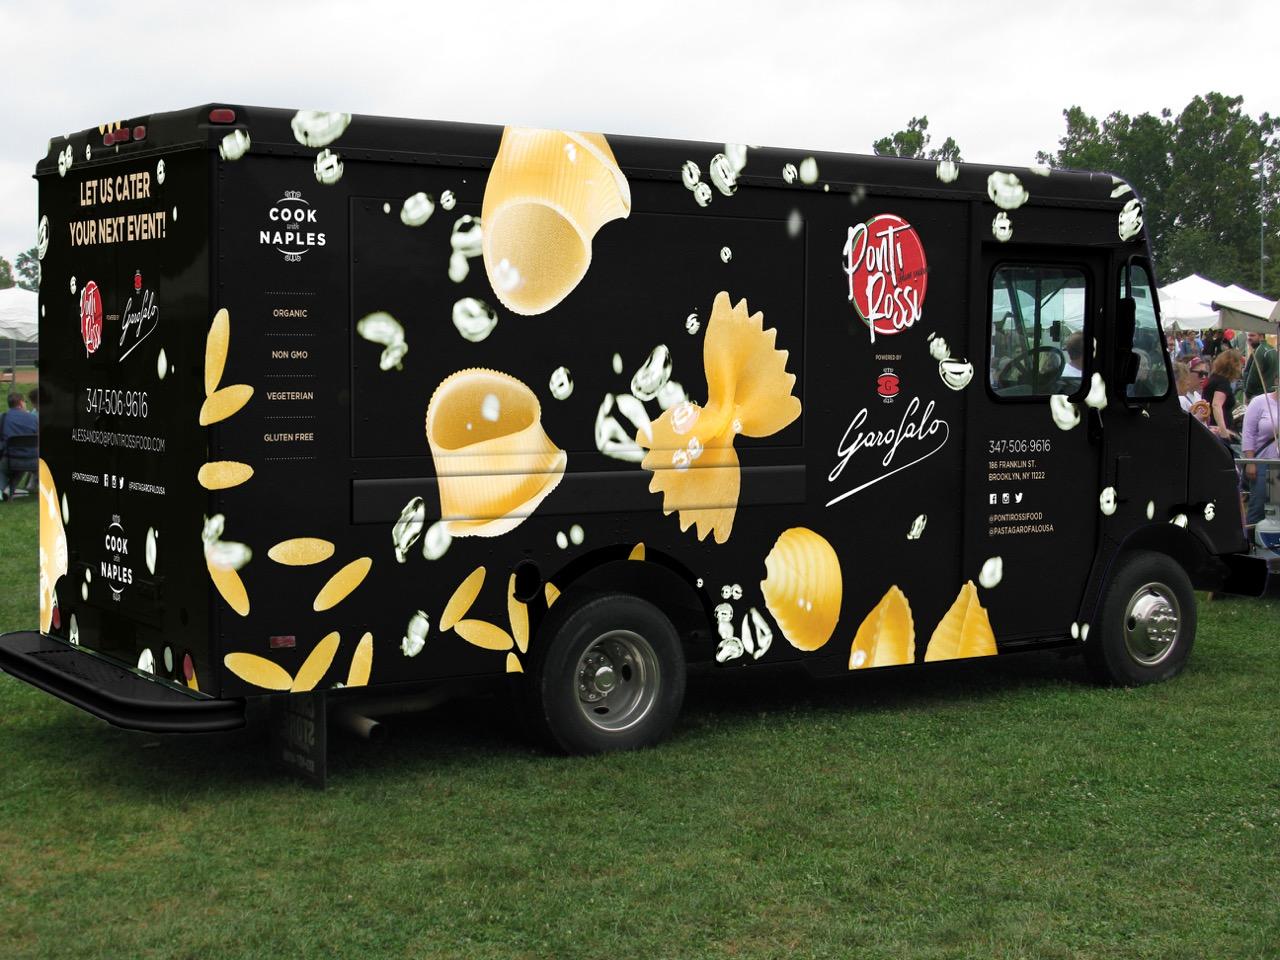 Ponti Rossi Food Truck